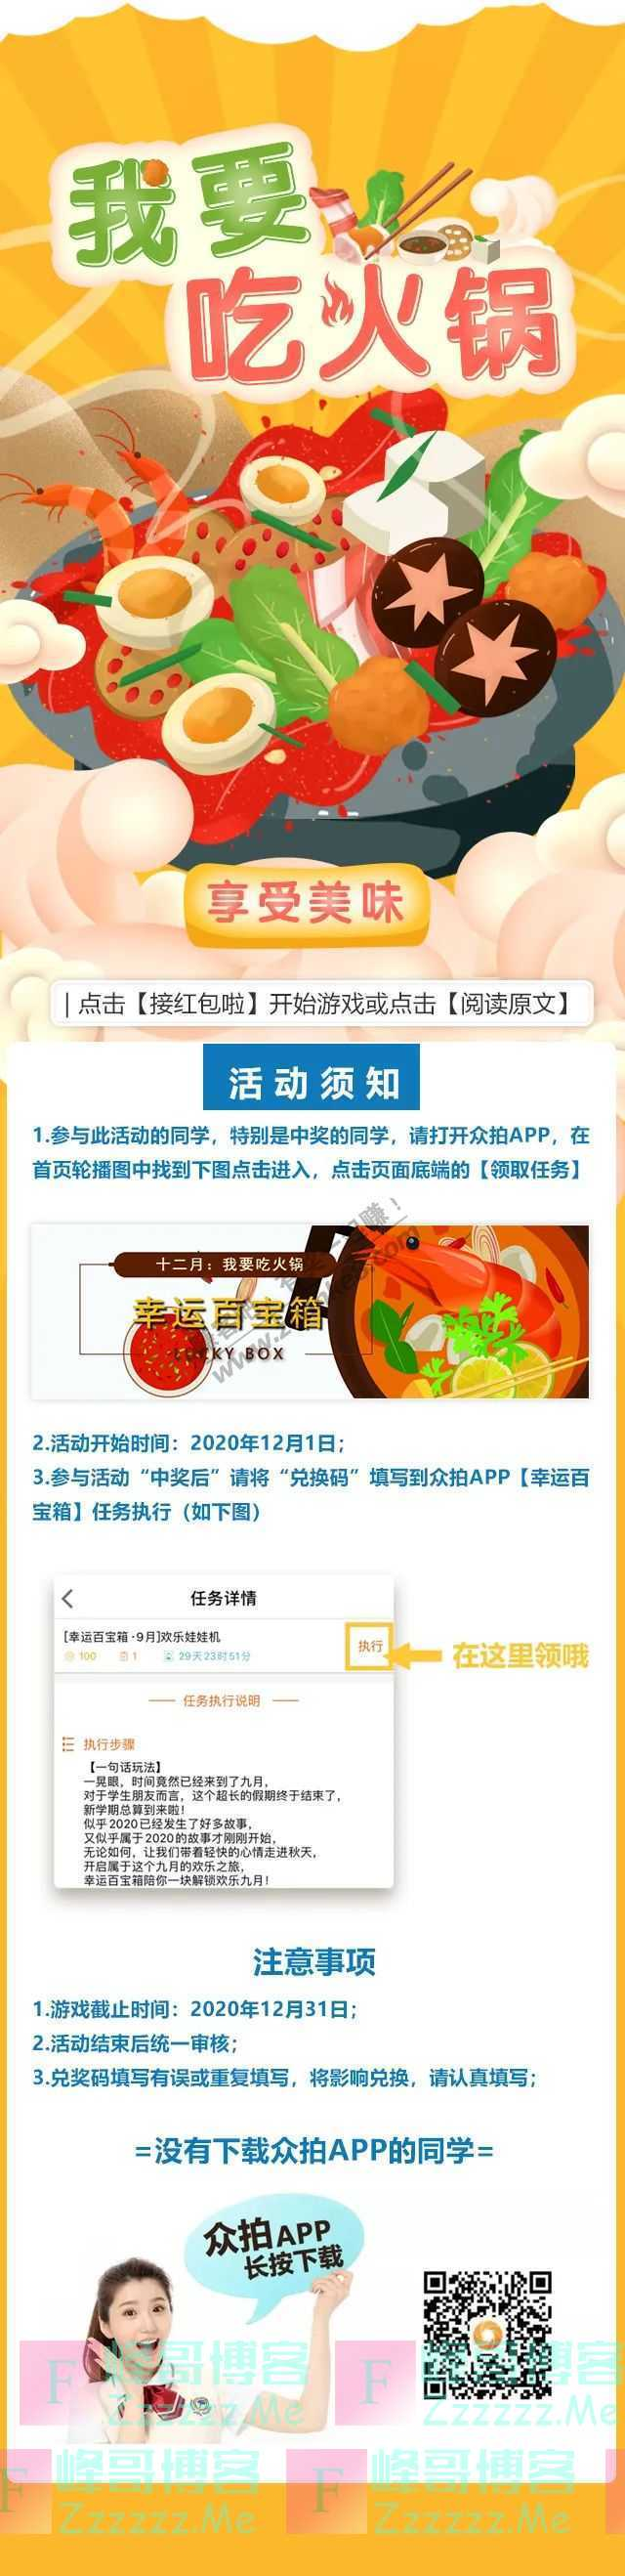 """CTR众拍【福利活动】限时中奖率""""100%""""哦(截止12月31日)"""